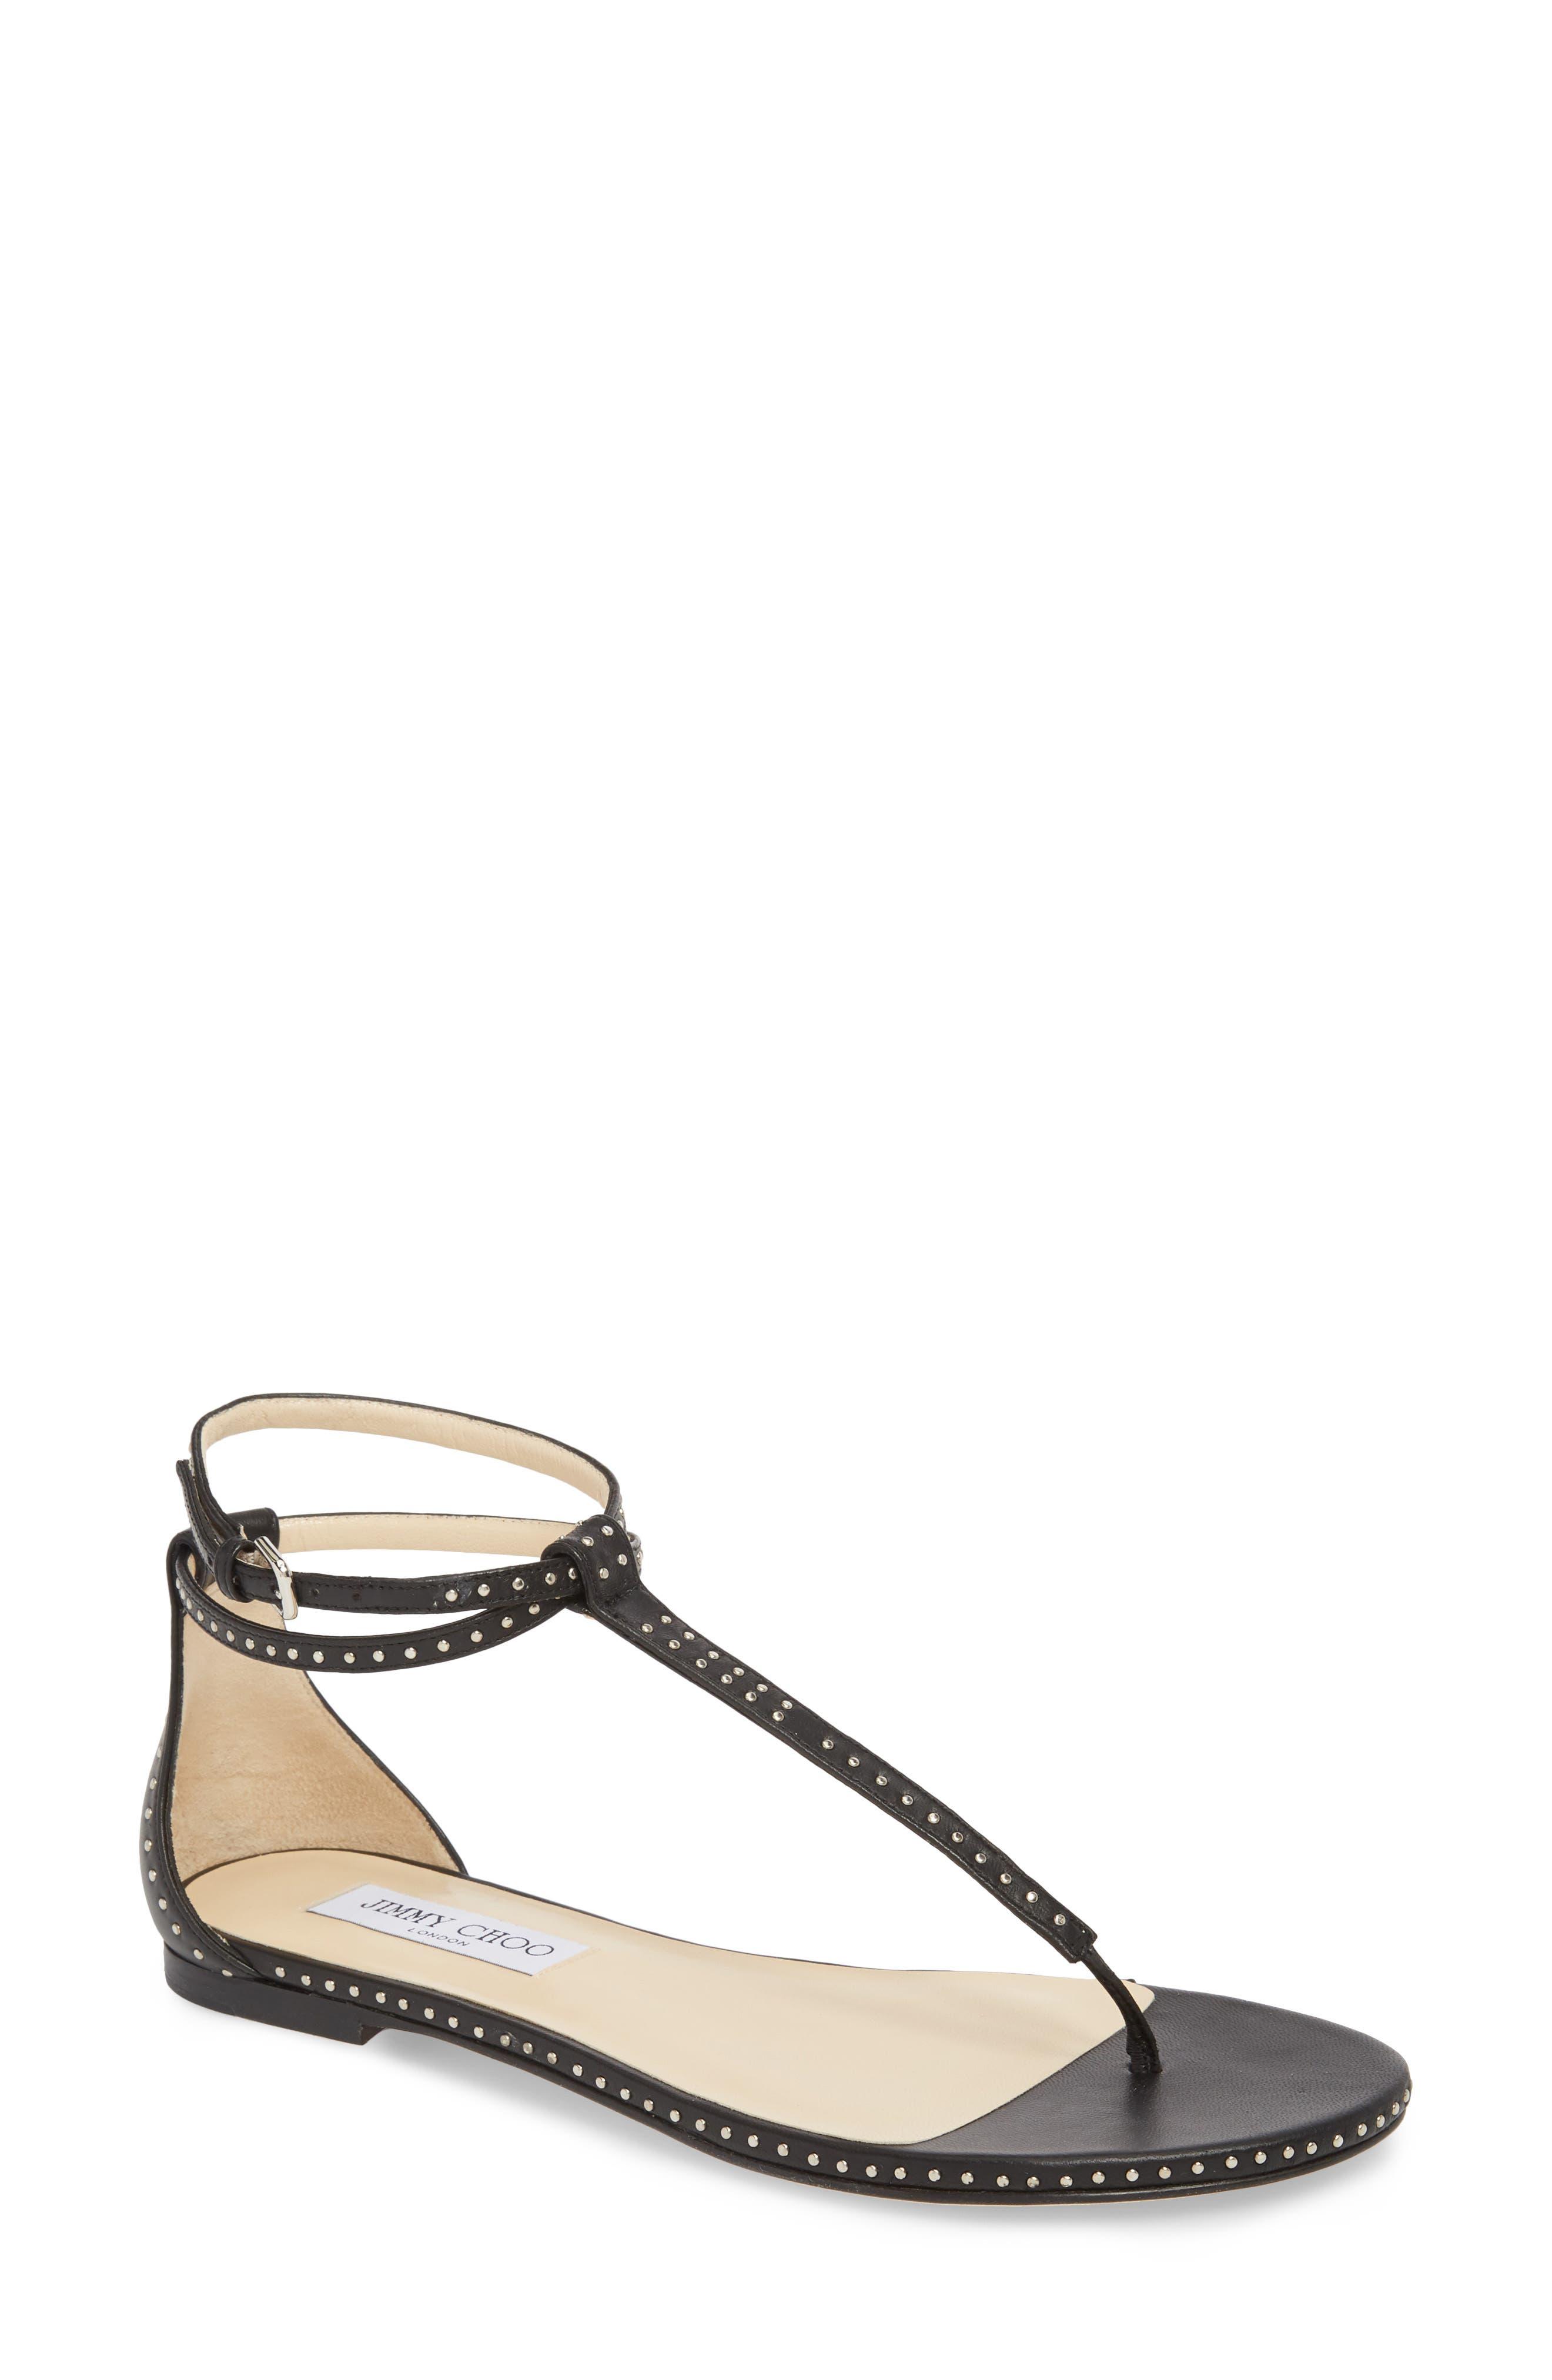 Afia sandals Jimmy Choo London EsJaMX